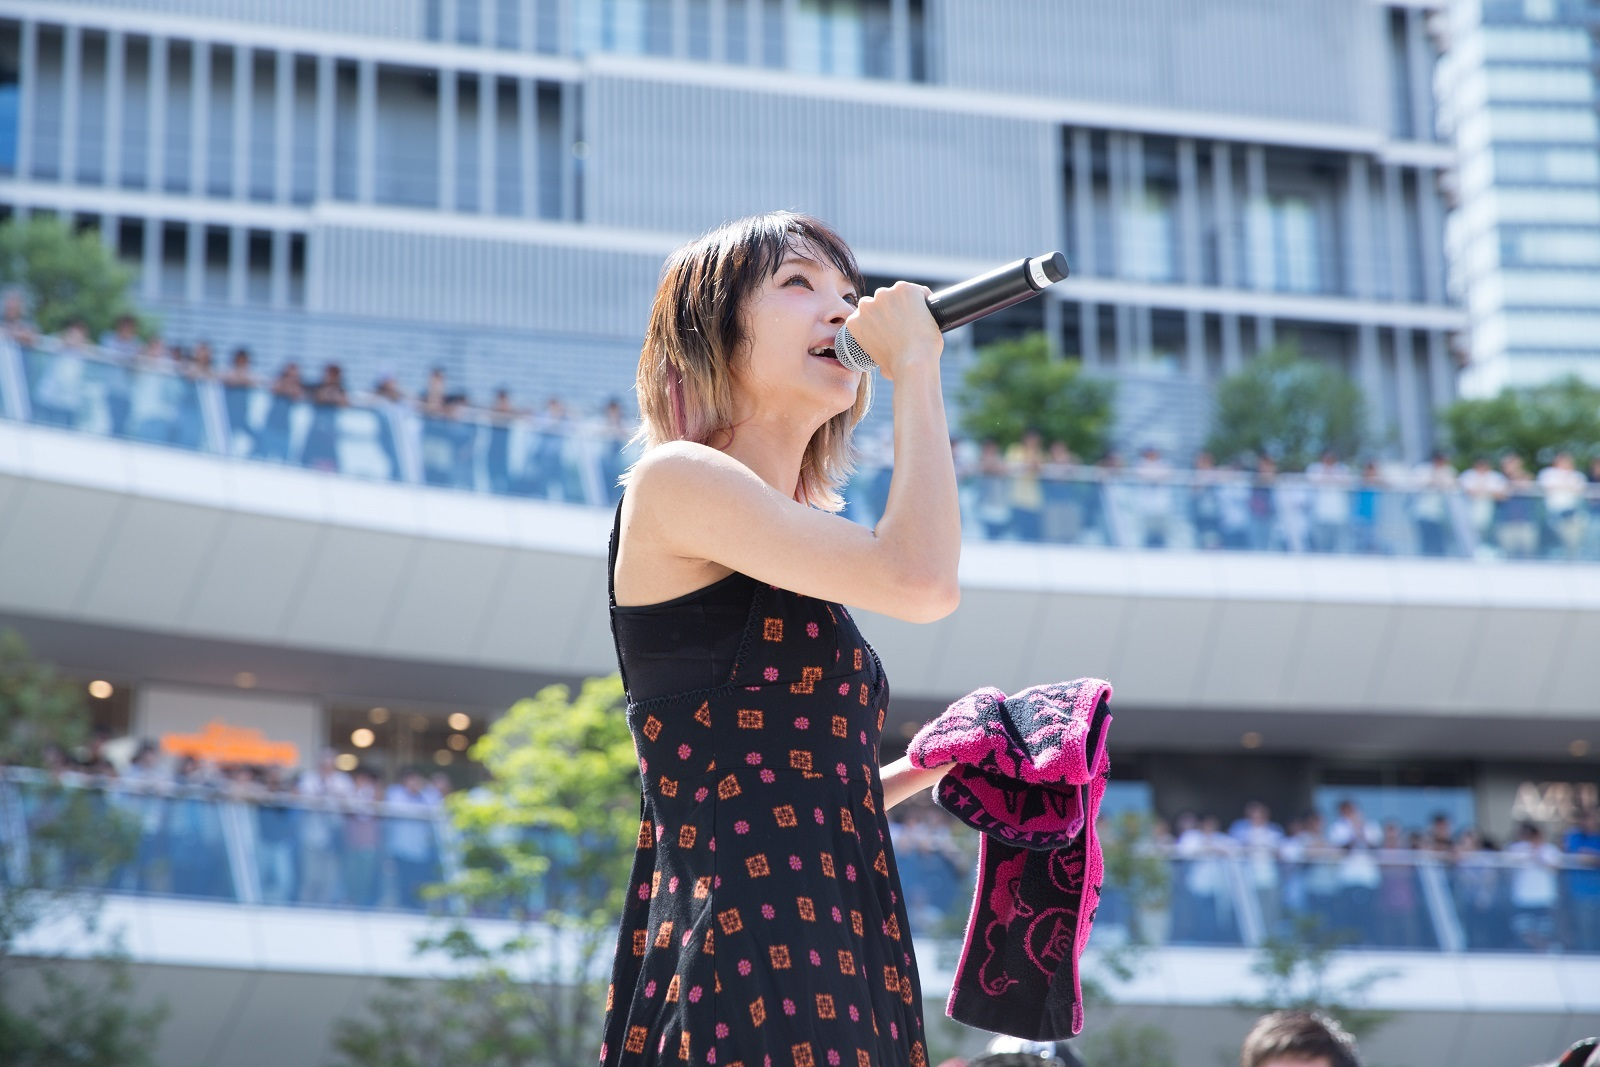 Photo by Hiroaki Aizawa